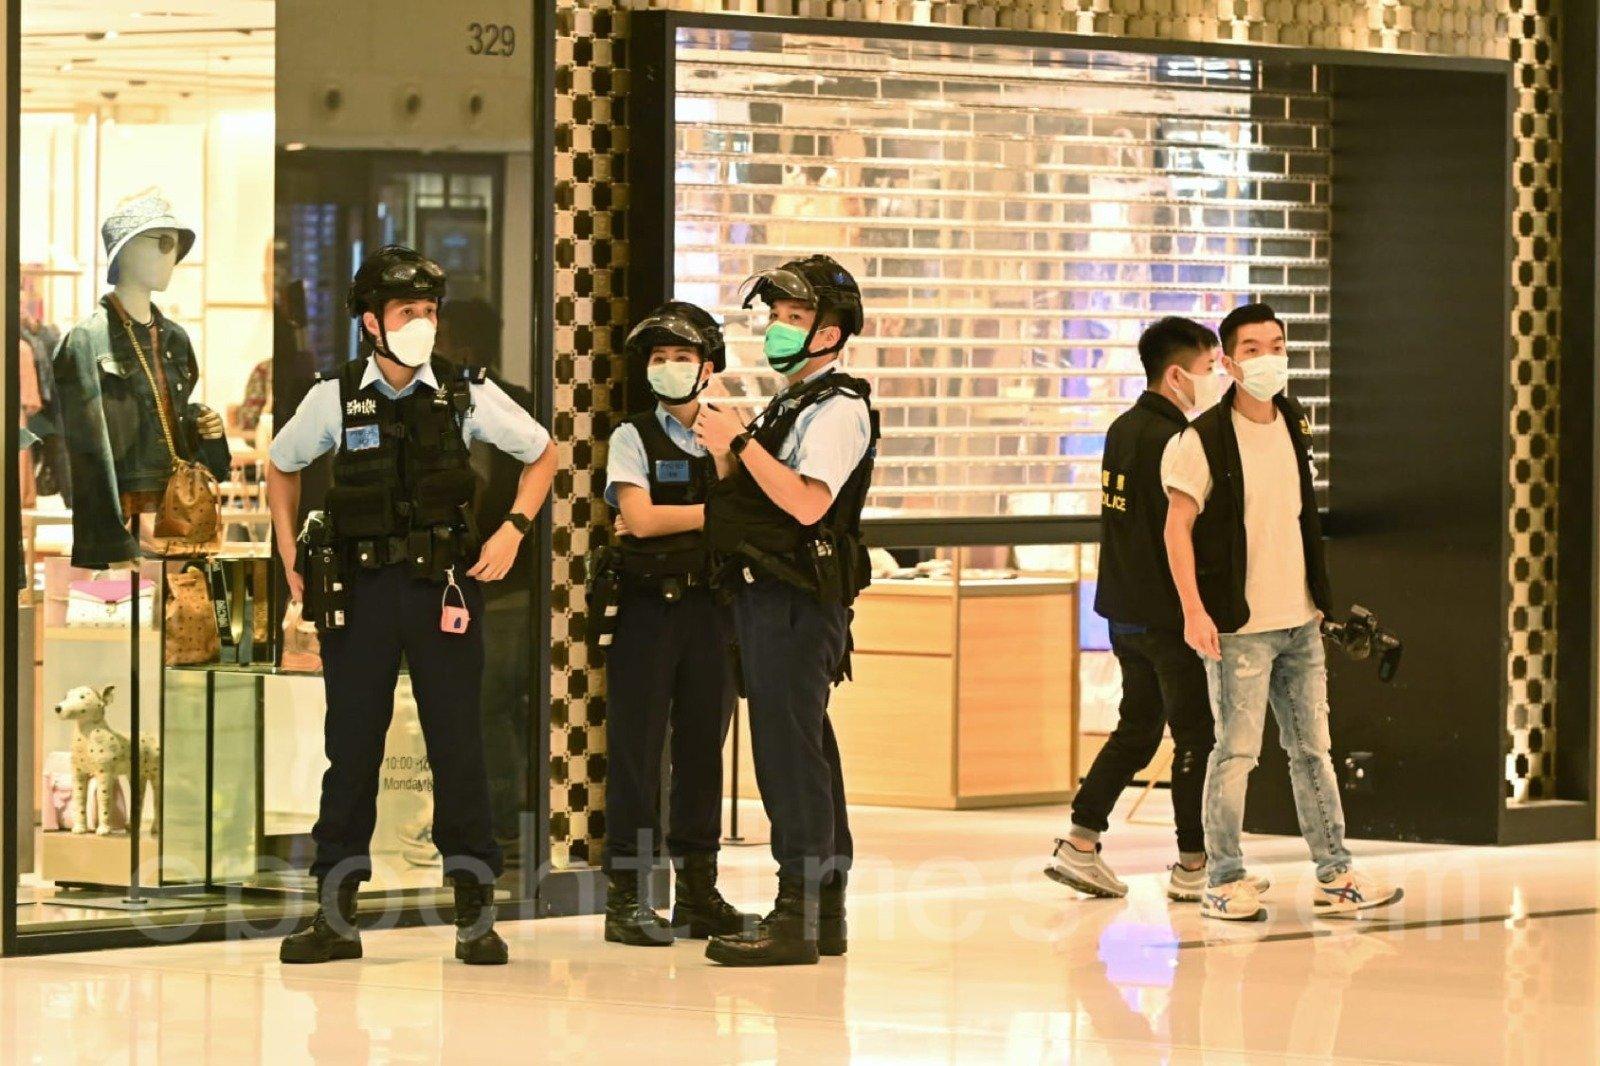 有大批警察進入沙田新城市廣場,搜查市民。(宋碧龍/大紀元)